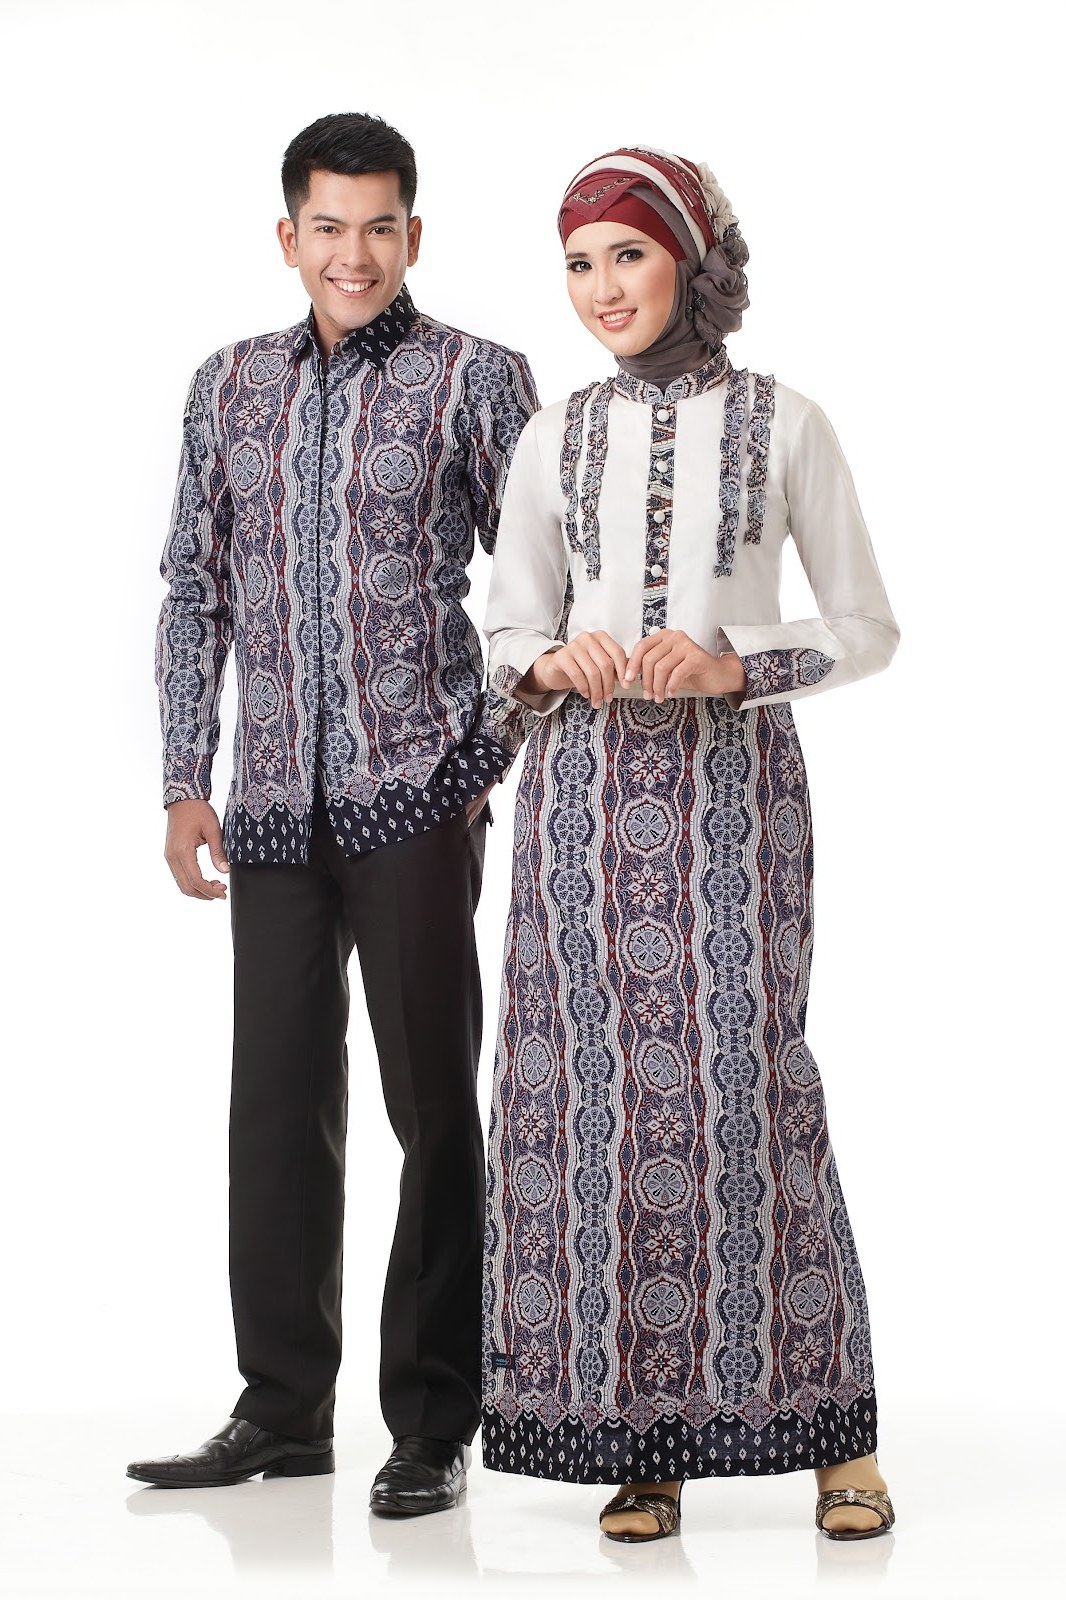 Design Model Baju Lebaran Batik Zwd9 Kumpulan Model Baju Batik Lebaran 2013 Terbaru Terpercaya